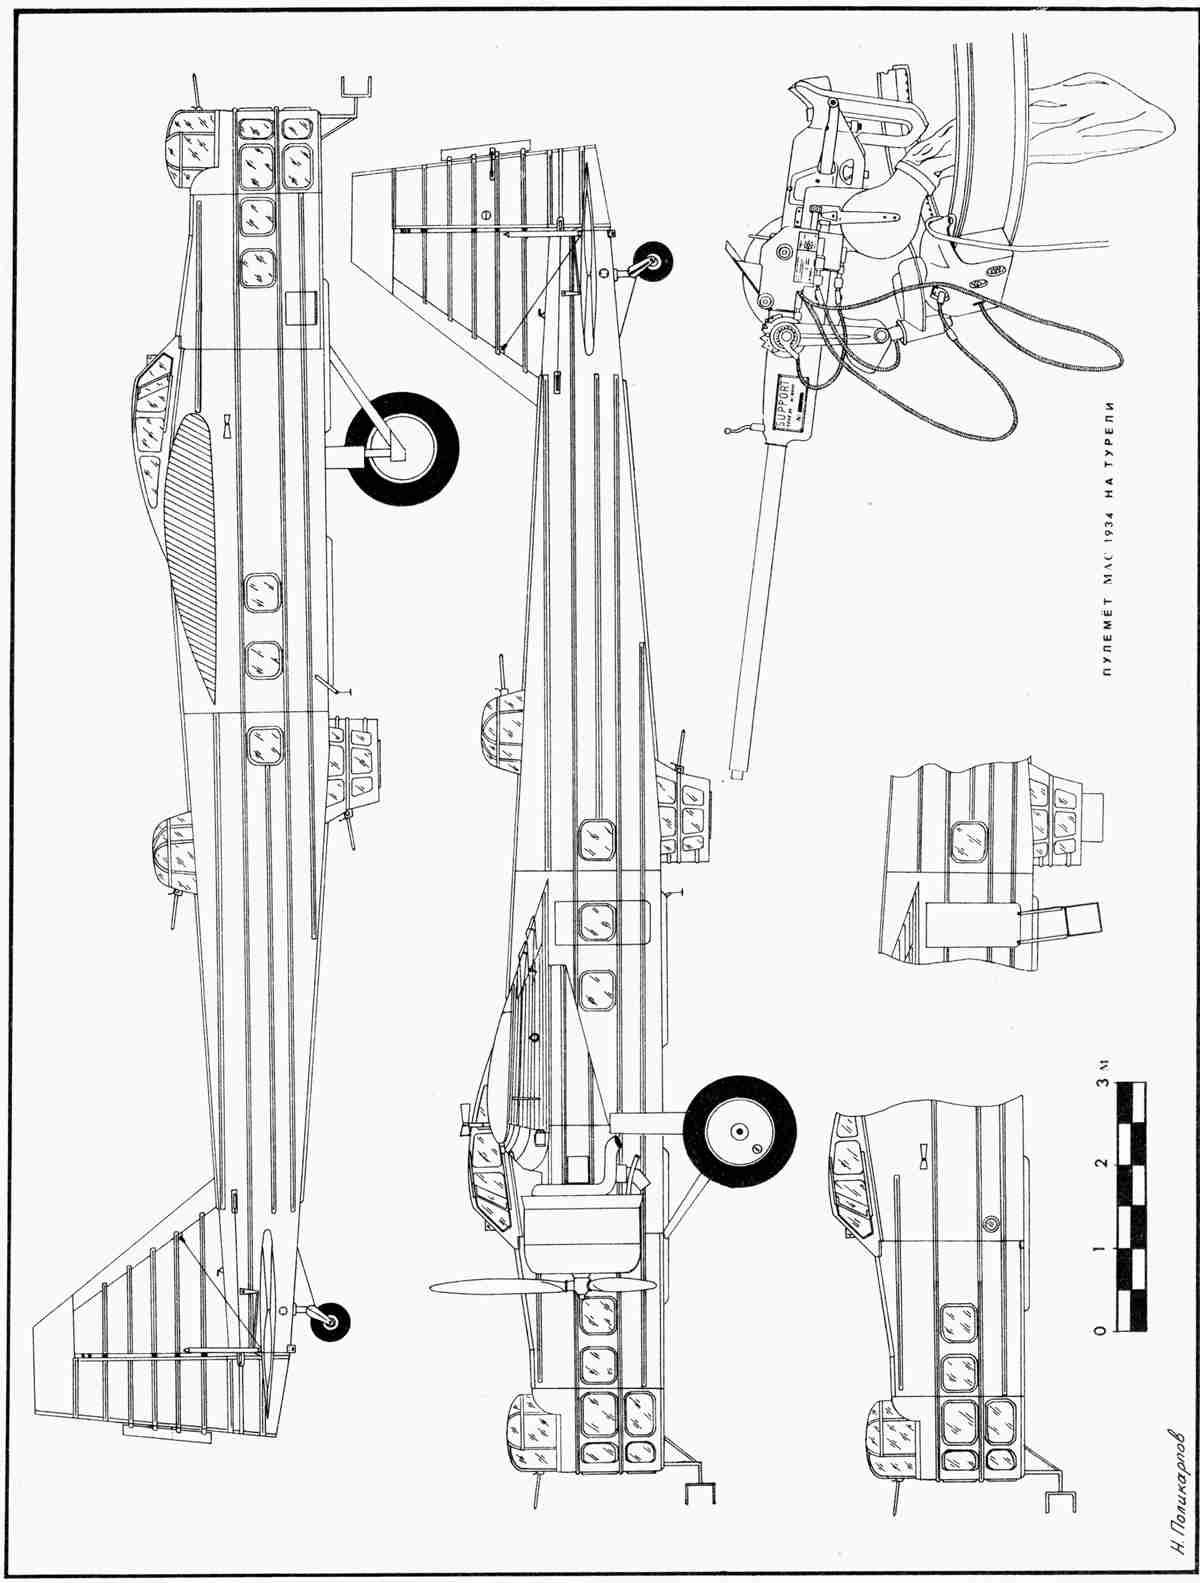 Bloch MB.200 blueprint